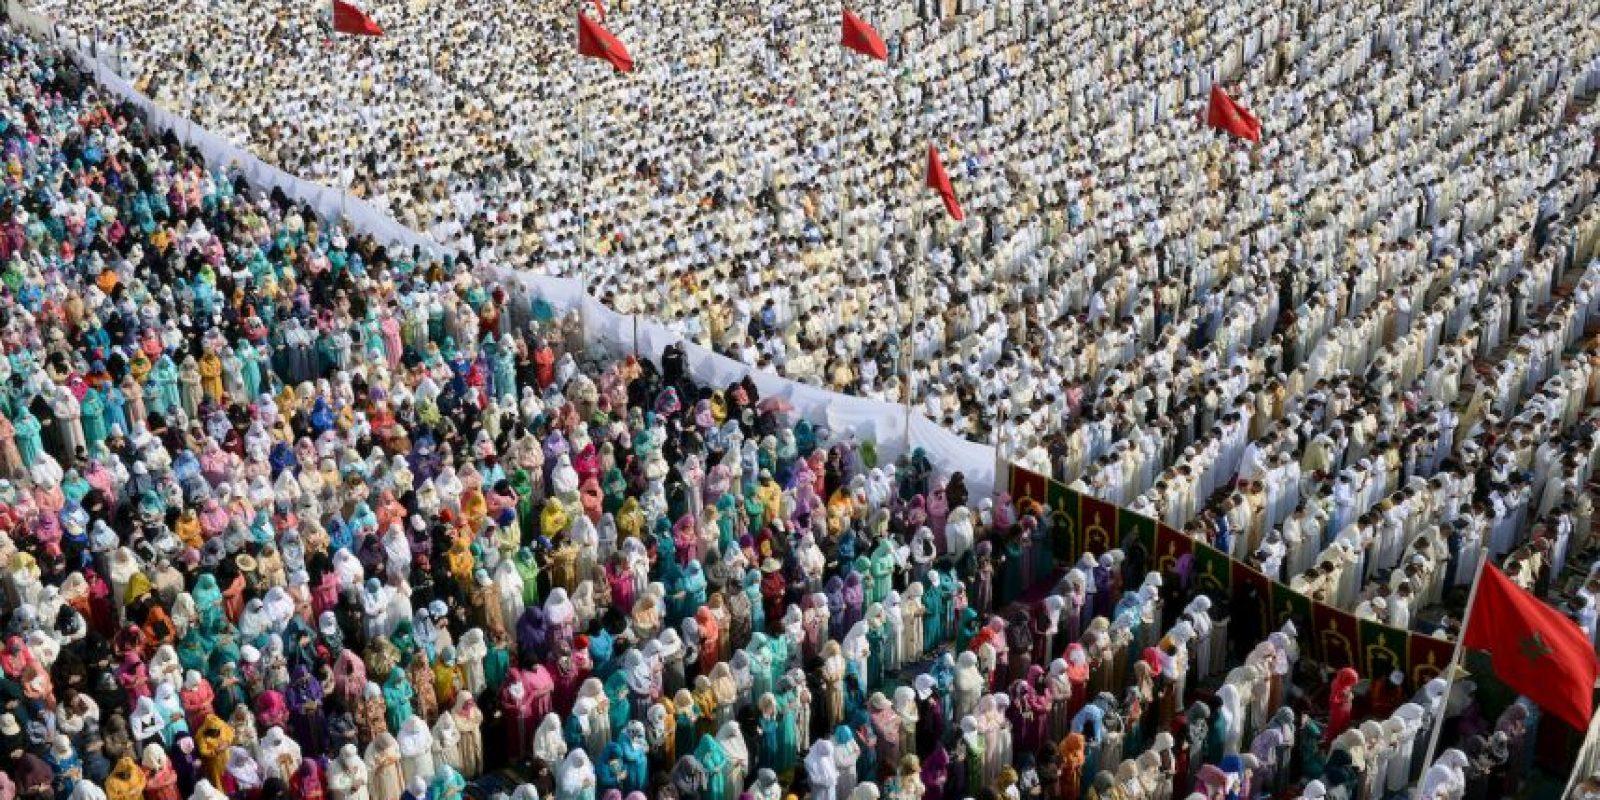 Marruecos Foto:AFP